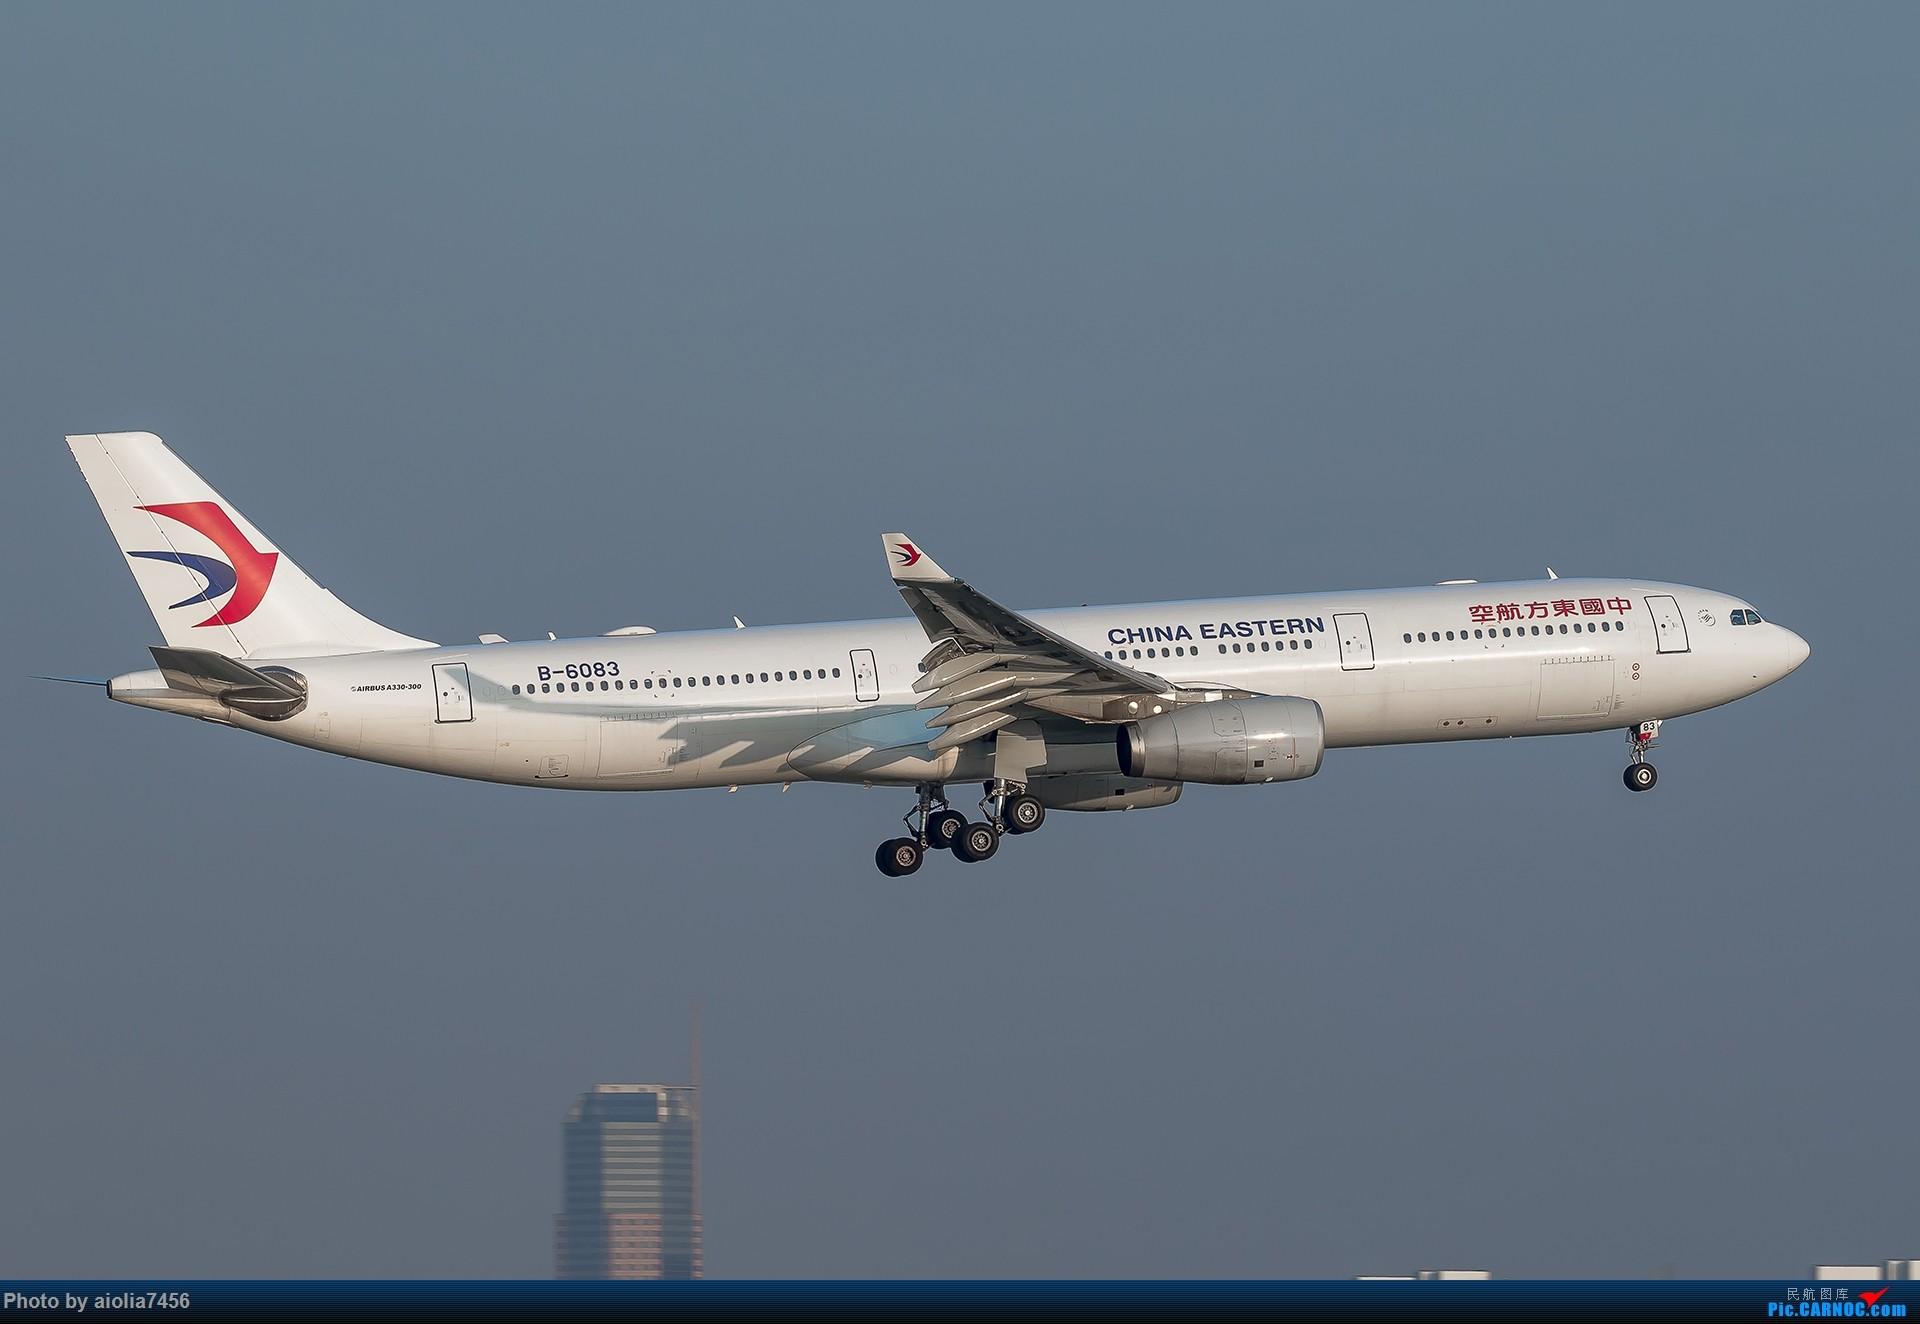 Re:[原创][霸都打机队]摸摸怀中的7D2,好宝宝,跟了新的主人你要乖乖听话哦,离开我之前,我带你逛一圈ZSSS,最后一次陪我看看那些我们不怎么看得到的宽体吧。 AIRBUS A330-300 B-6083 中国上海虹桥国际机场